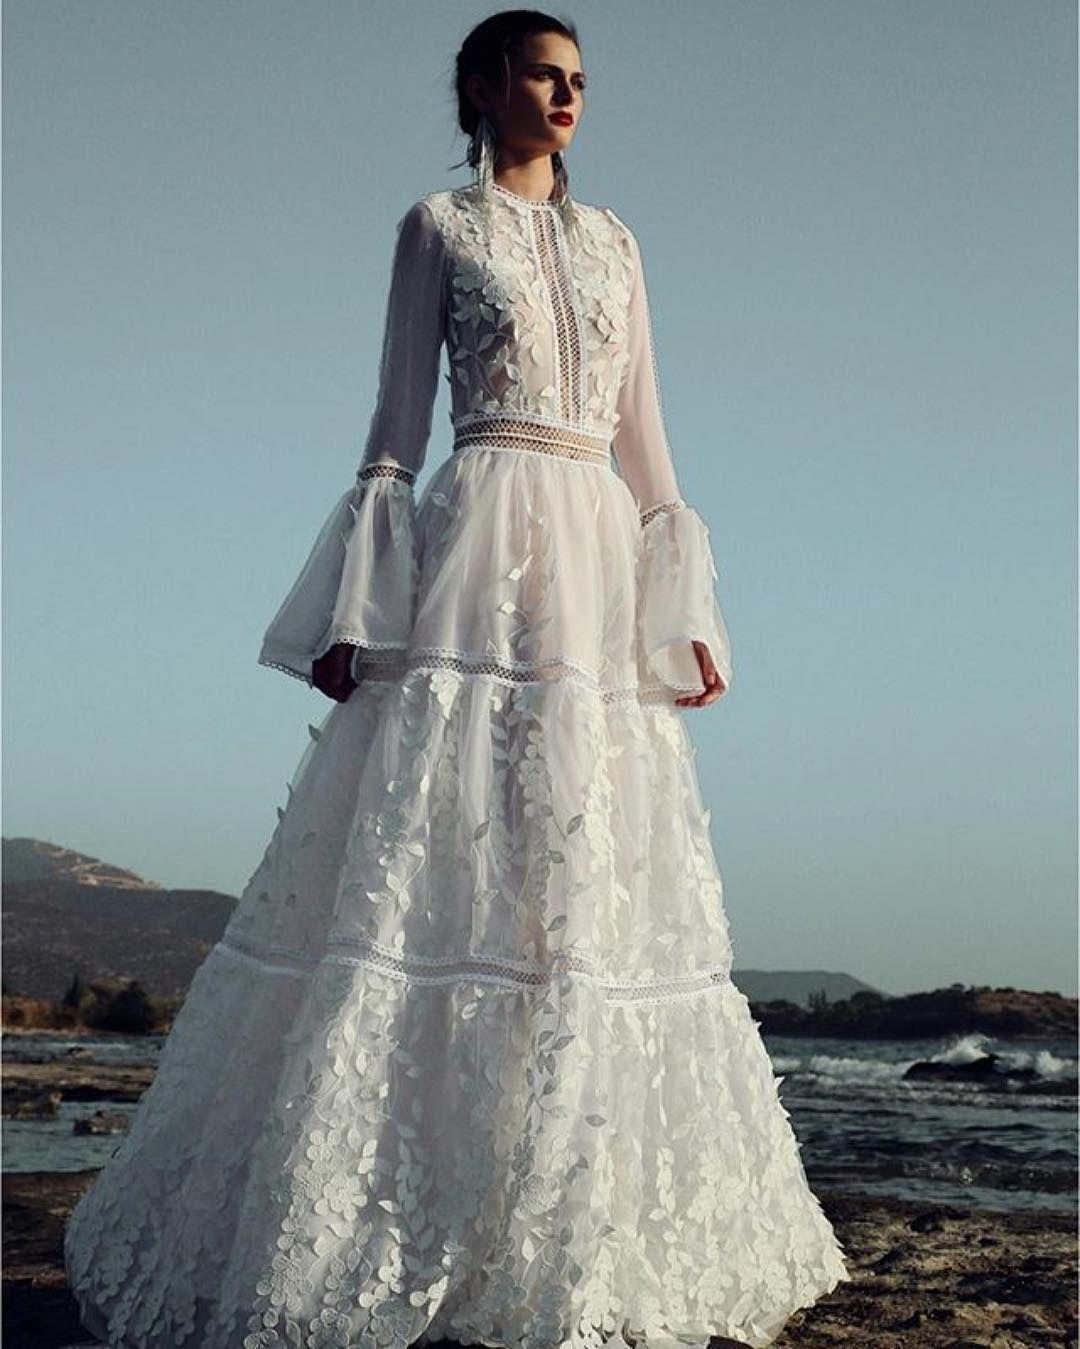 Pin de Butimag en Wedding | Pinterest | Primavera, Novios y Vestiditos